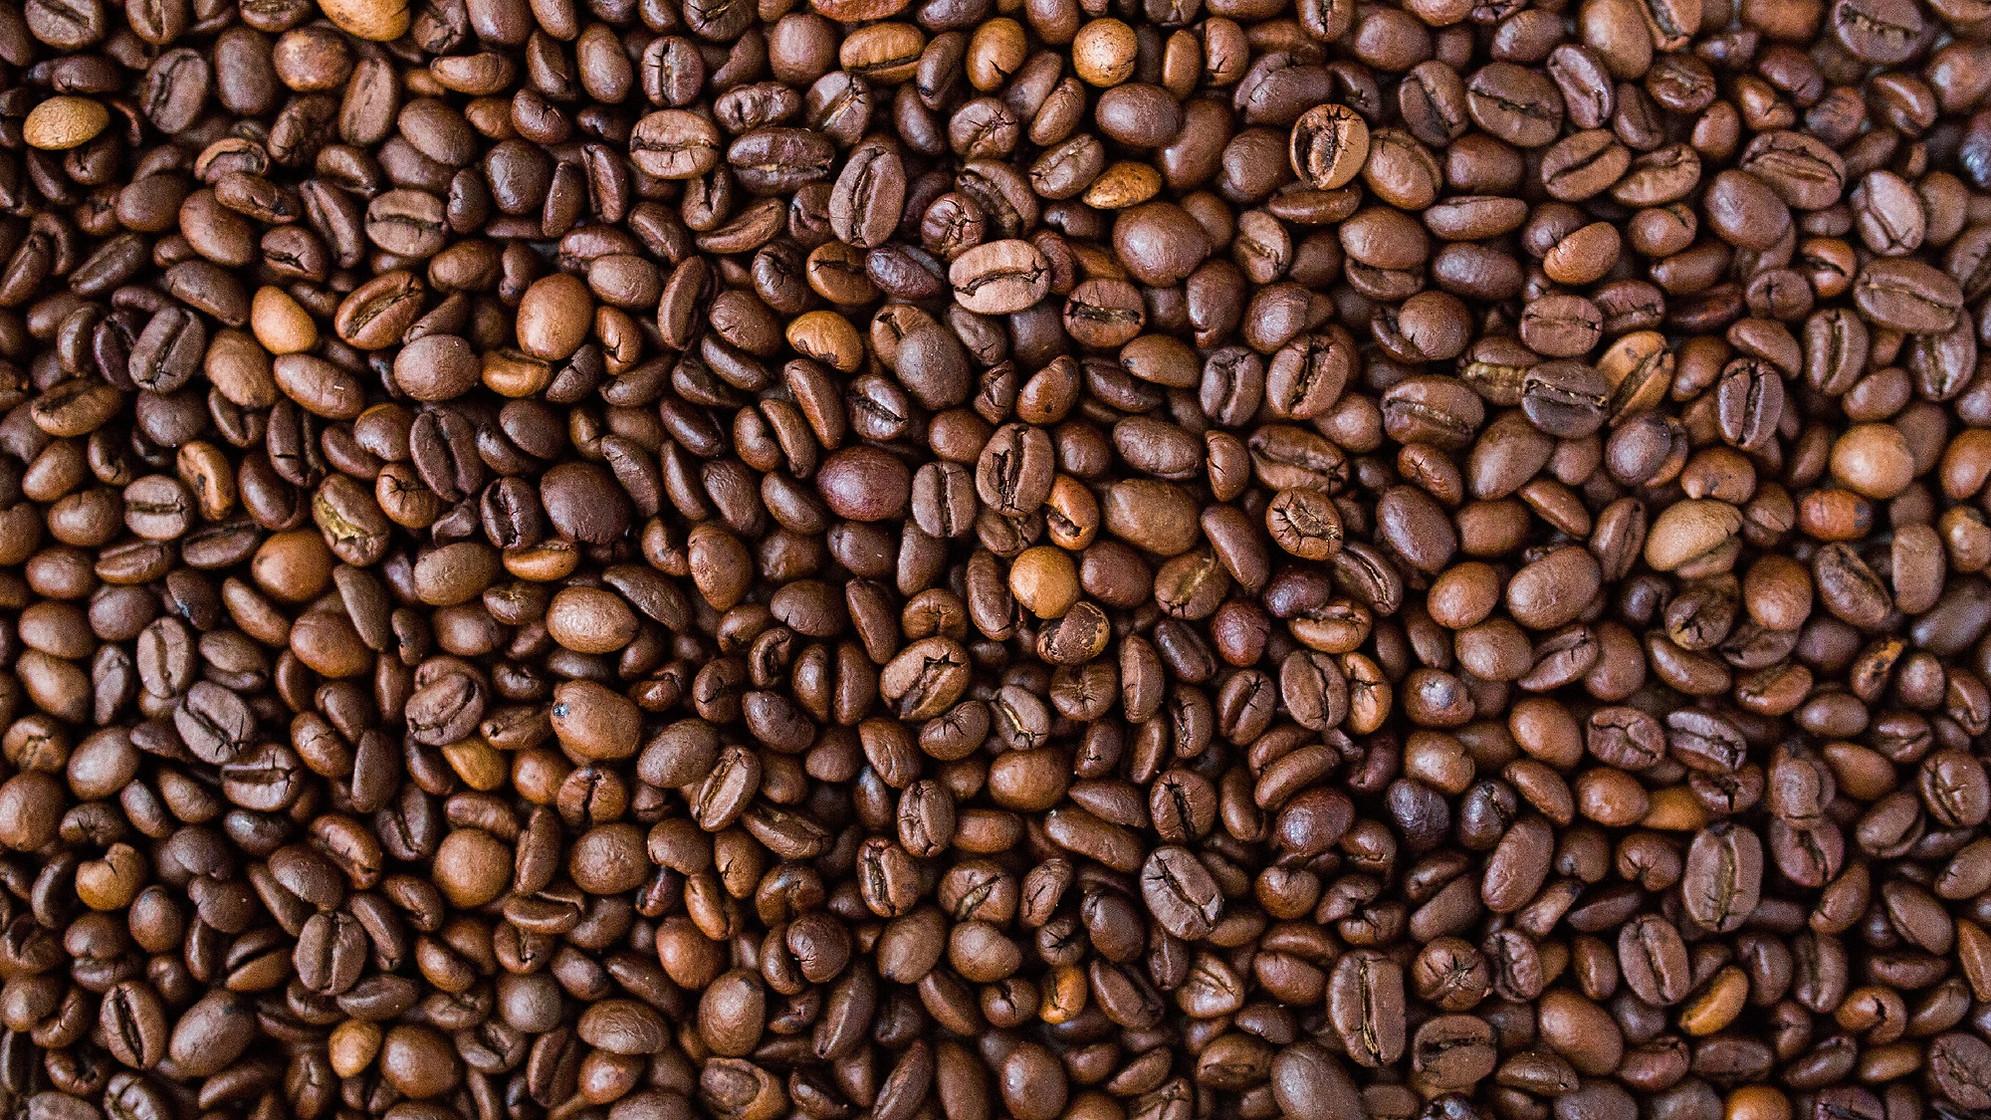 beans-brown-coffee-34085_edited.jpg